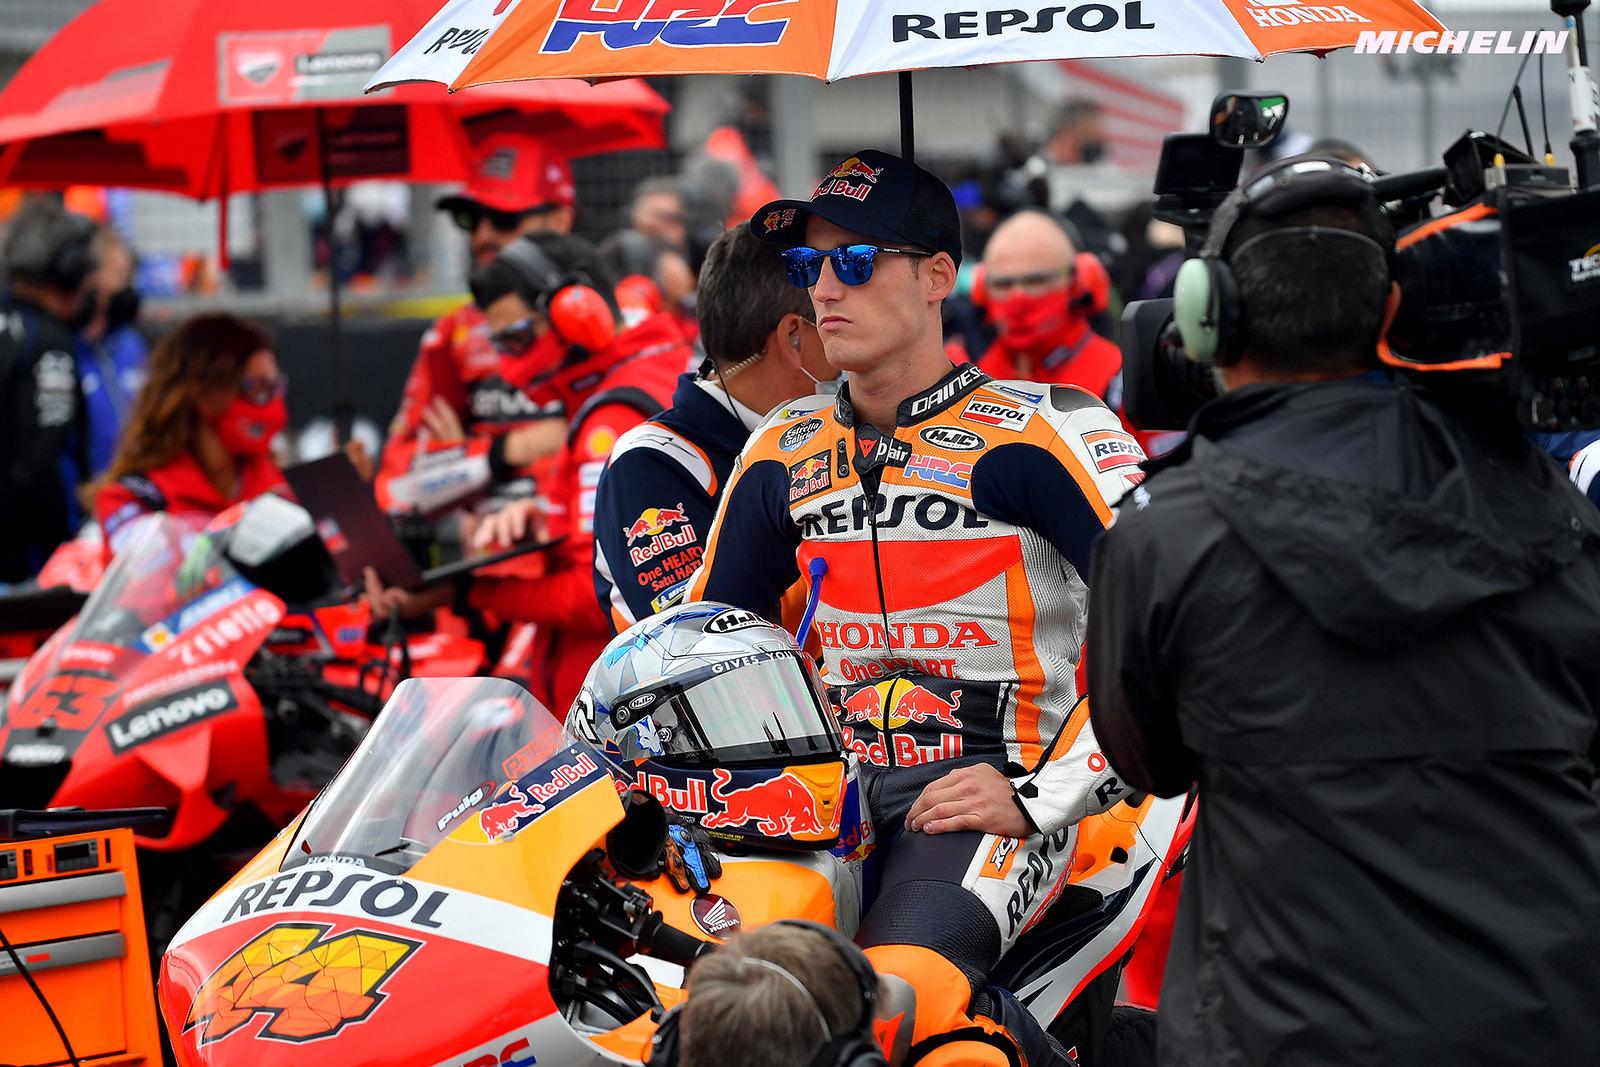 MotoGP2021イギリスGP 5位ポル・エスパルガロ「レースを楽しむことが出来た」